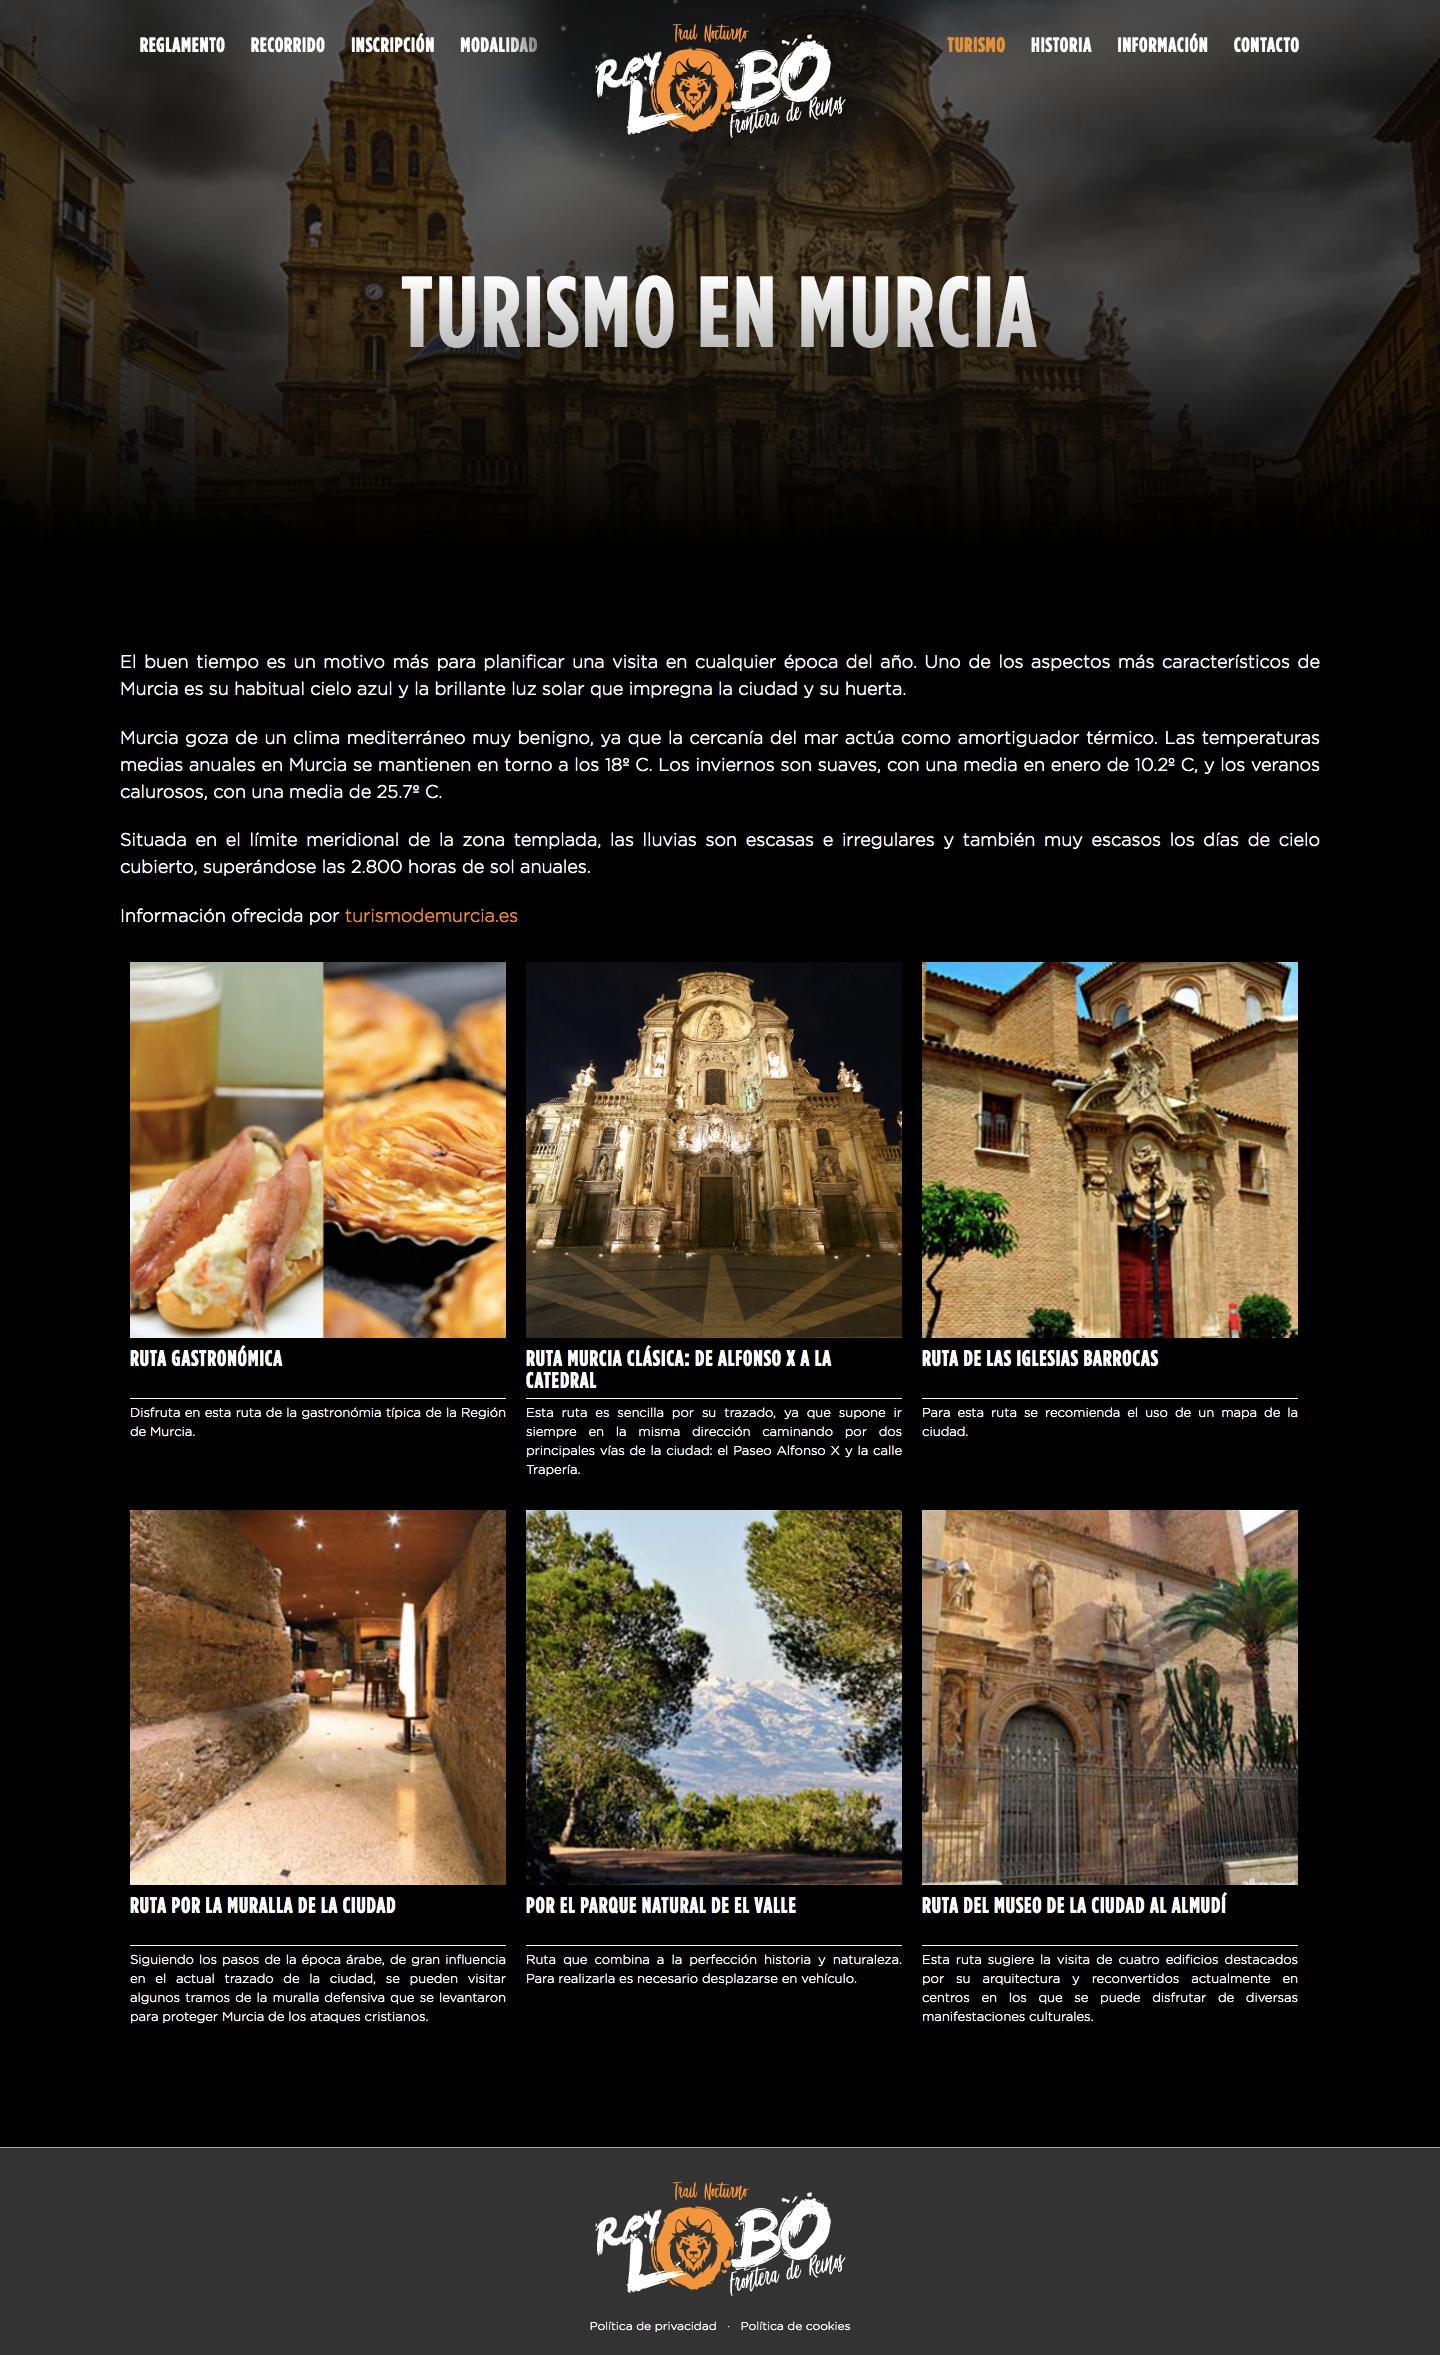 Programación de páginas web en Drupal. Estudio de diseño en Murcia, Madrid y Panamá City | Nómadas Comunicación Creativa